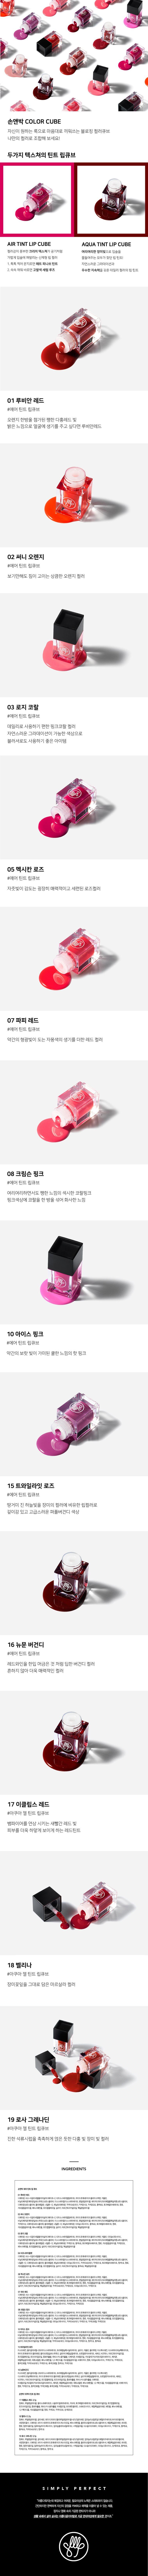 아쿠아_에어틴트 립큐브 - 손앤박, 9,500원, 립메이크업, 립스틱